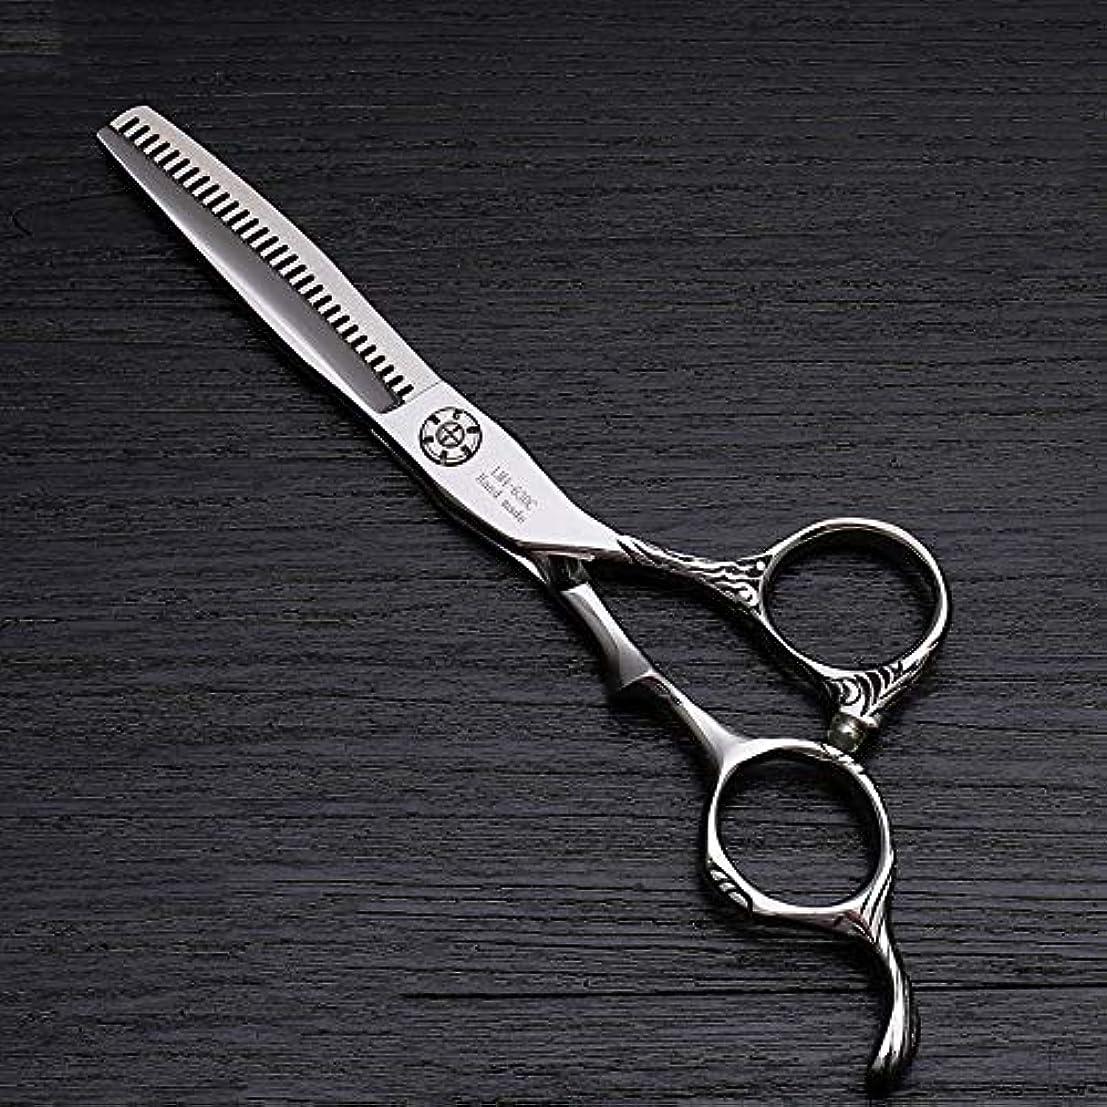 安らぎ最大士気6インチのステンレス鋼の理髪の細い歯はさみ、人格の傾向のヘアスタイリストの特別な理髪はさみ ヘアケア (色 : Silver)